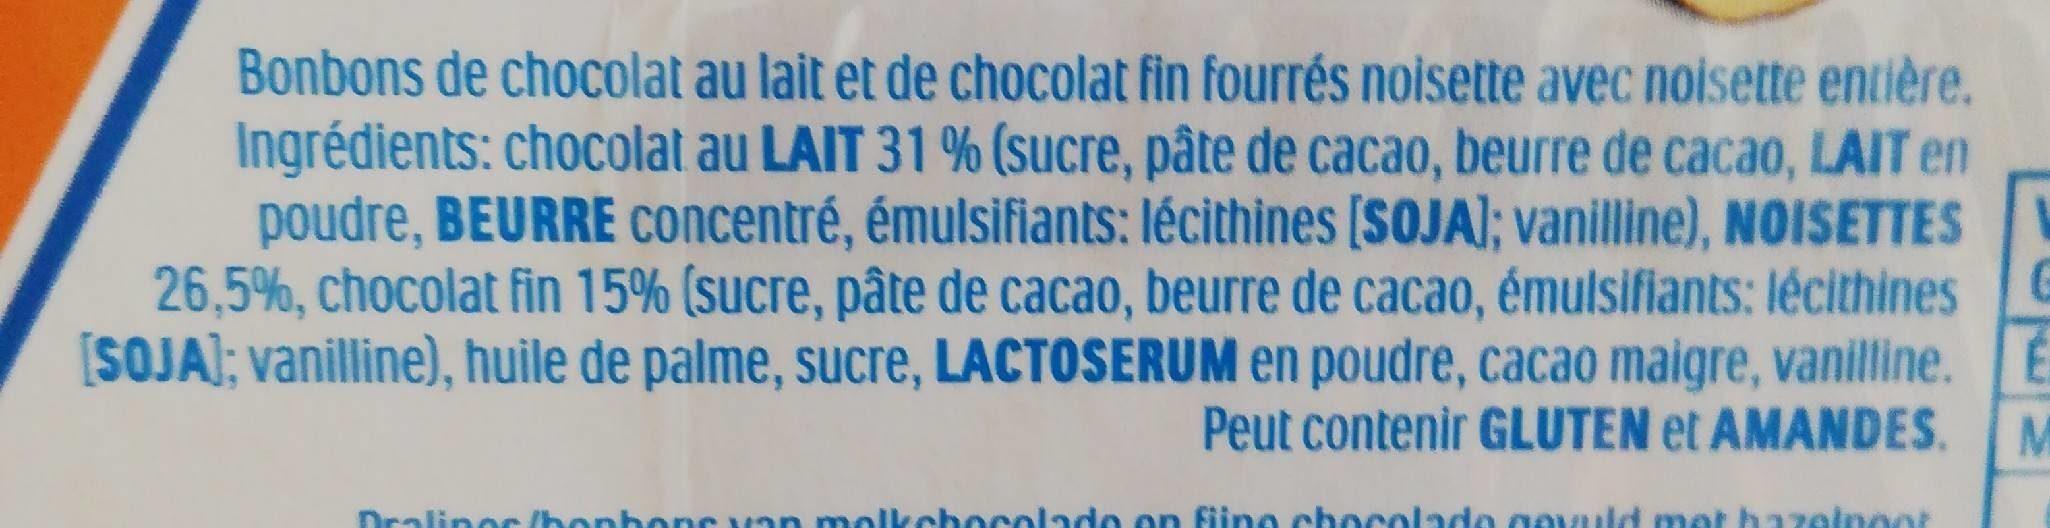 Ferrero Küsschen - Ingrédients - fr